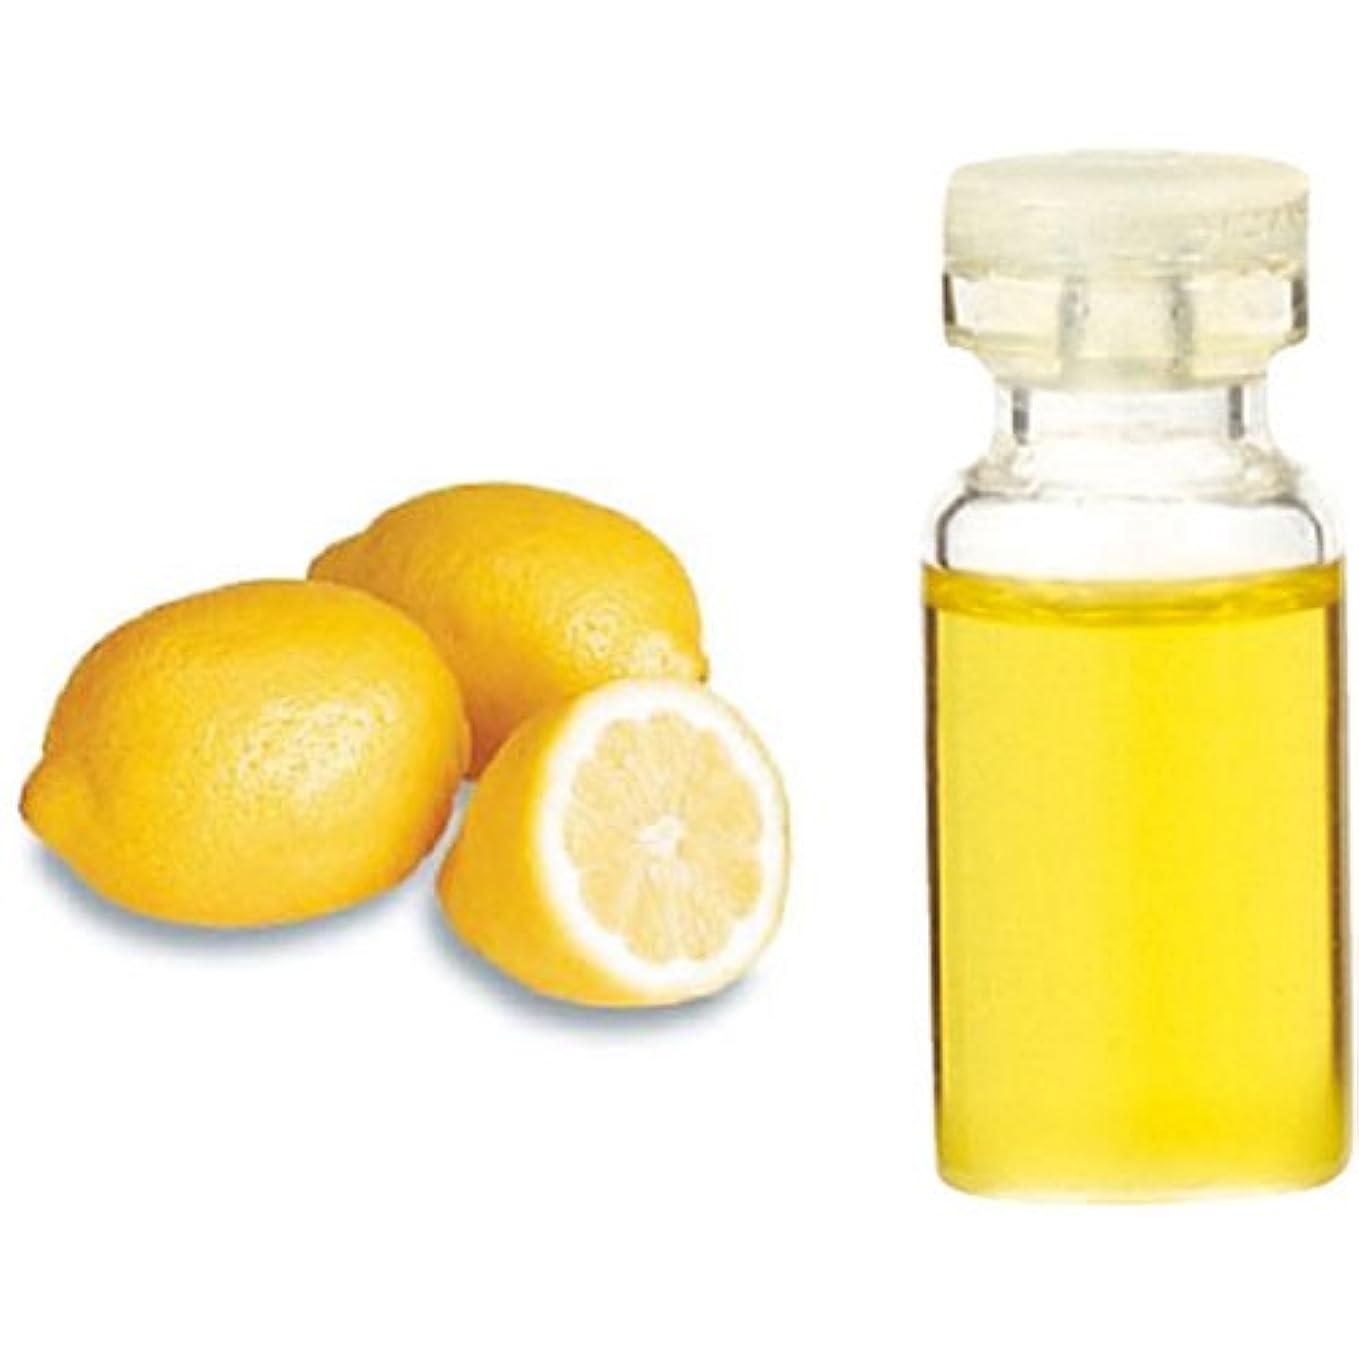 抑圧する力学スペクトラム生活の木 C レモン エッセンシャルオイル 10ml